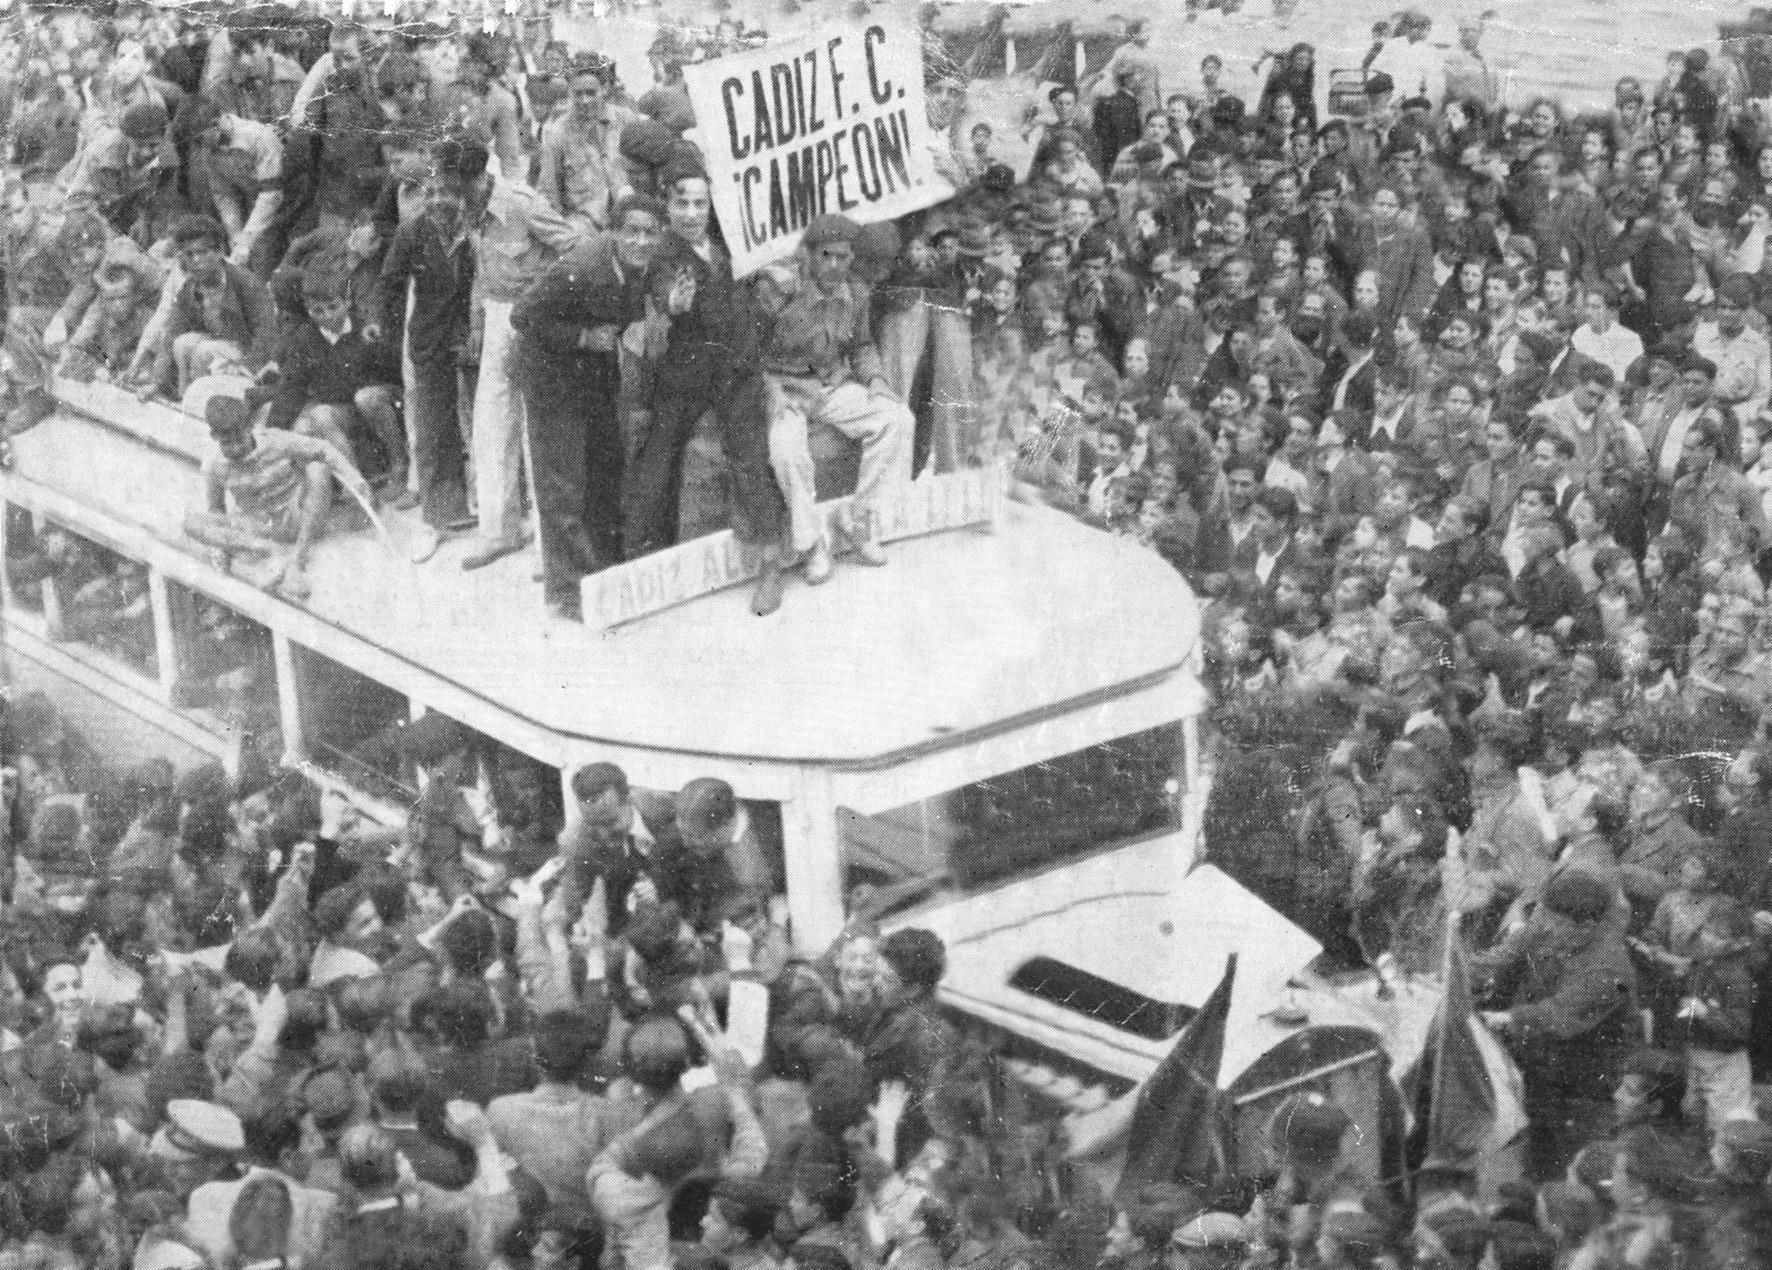 1939-40-campeonvgrupo-celebraciones